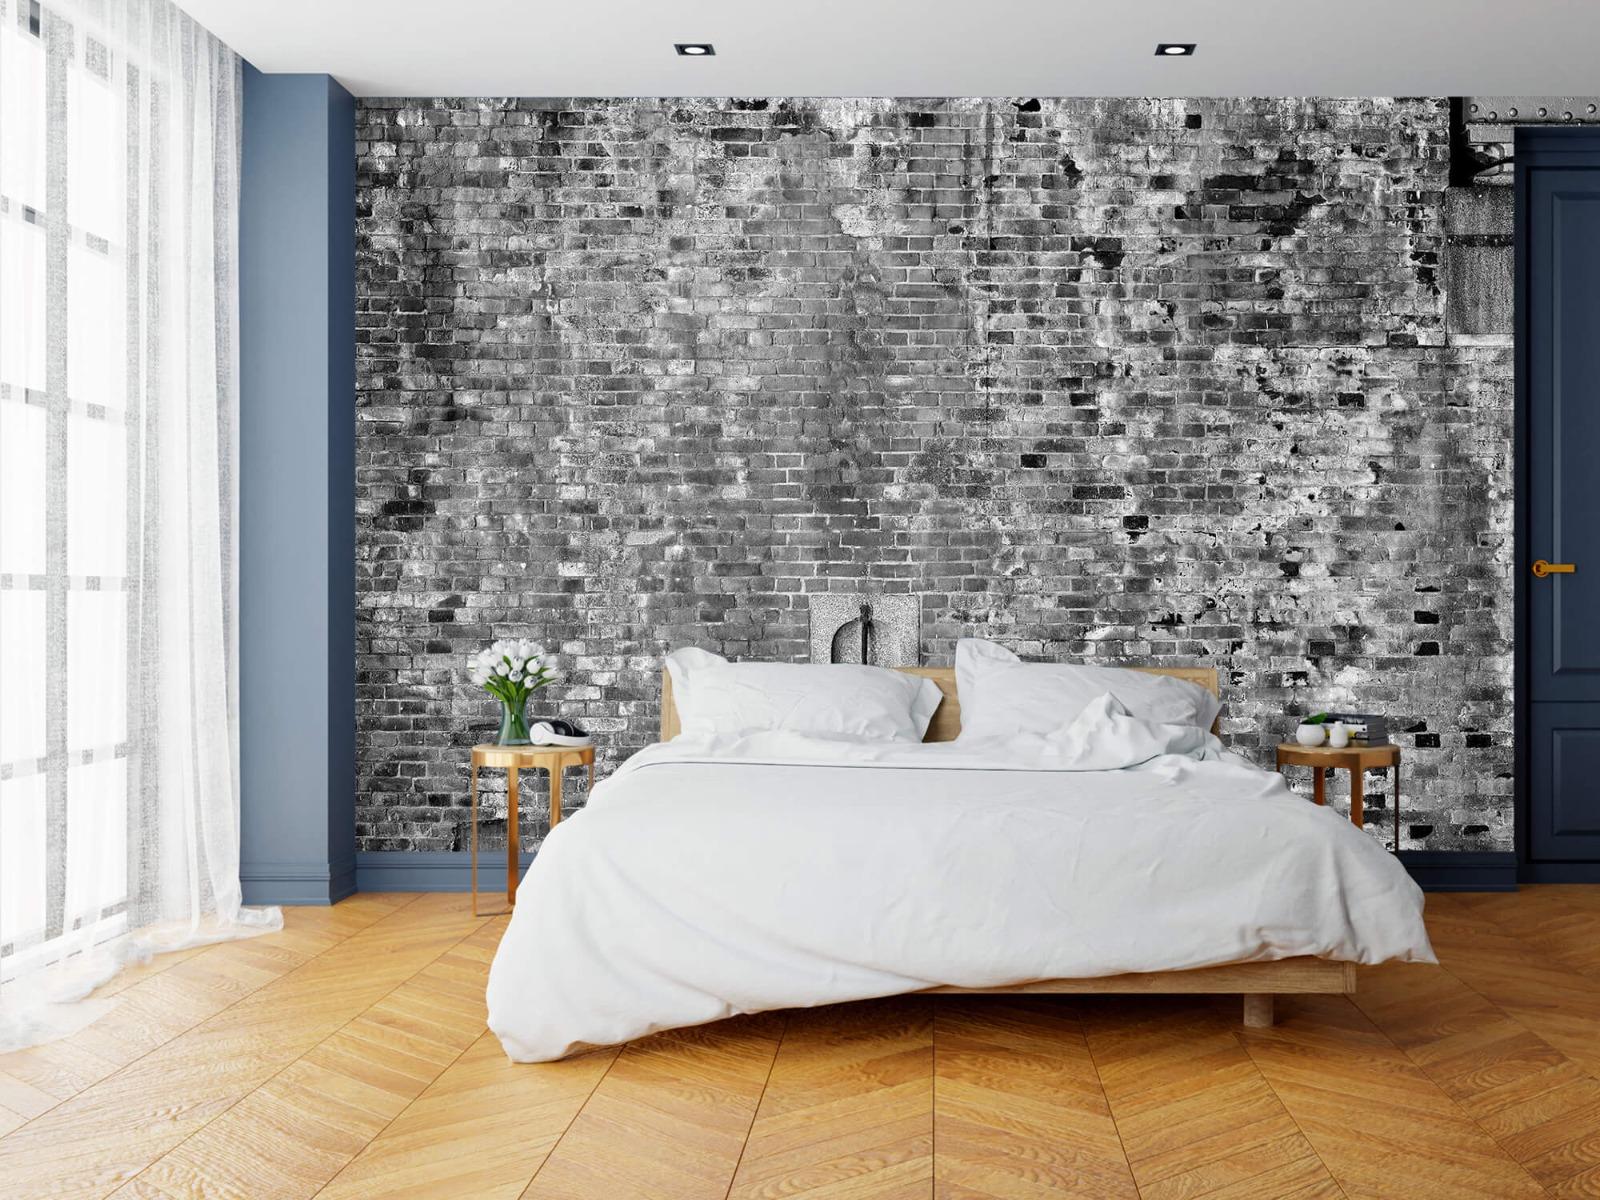 Steen behang - Verweerde muur - Tienerkamer 17